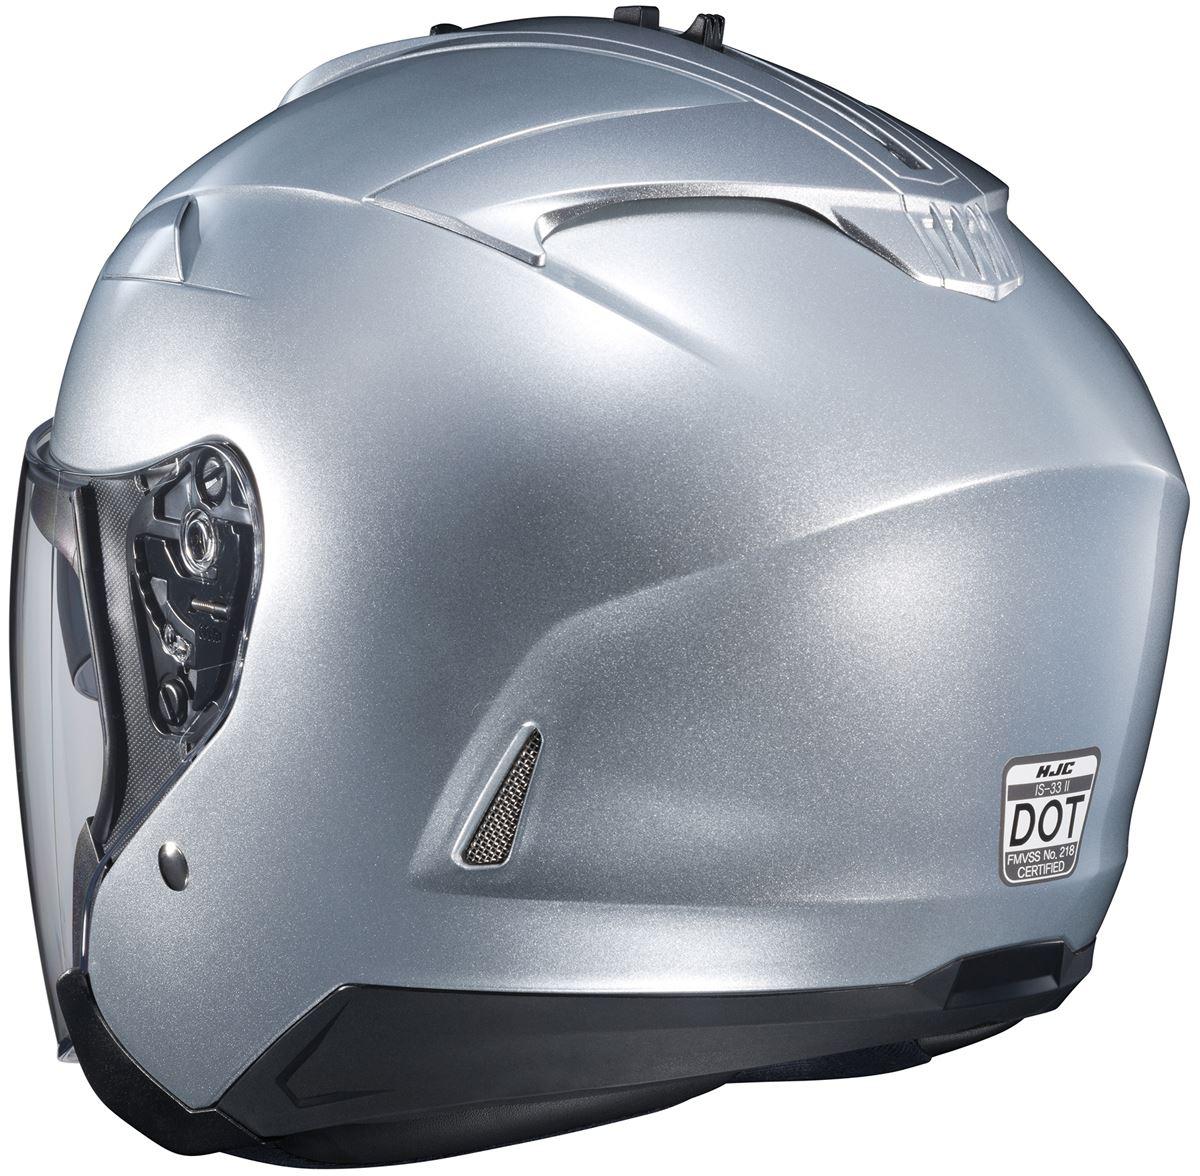 Adult Sizes XS-2XL WINE HJC IS-33 II Open-Face Motorcycle Helmet